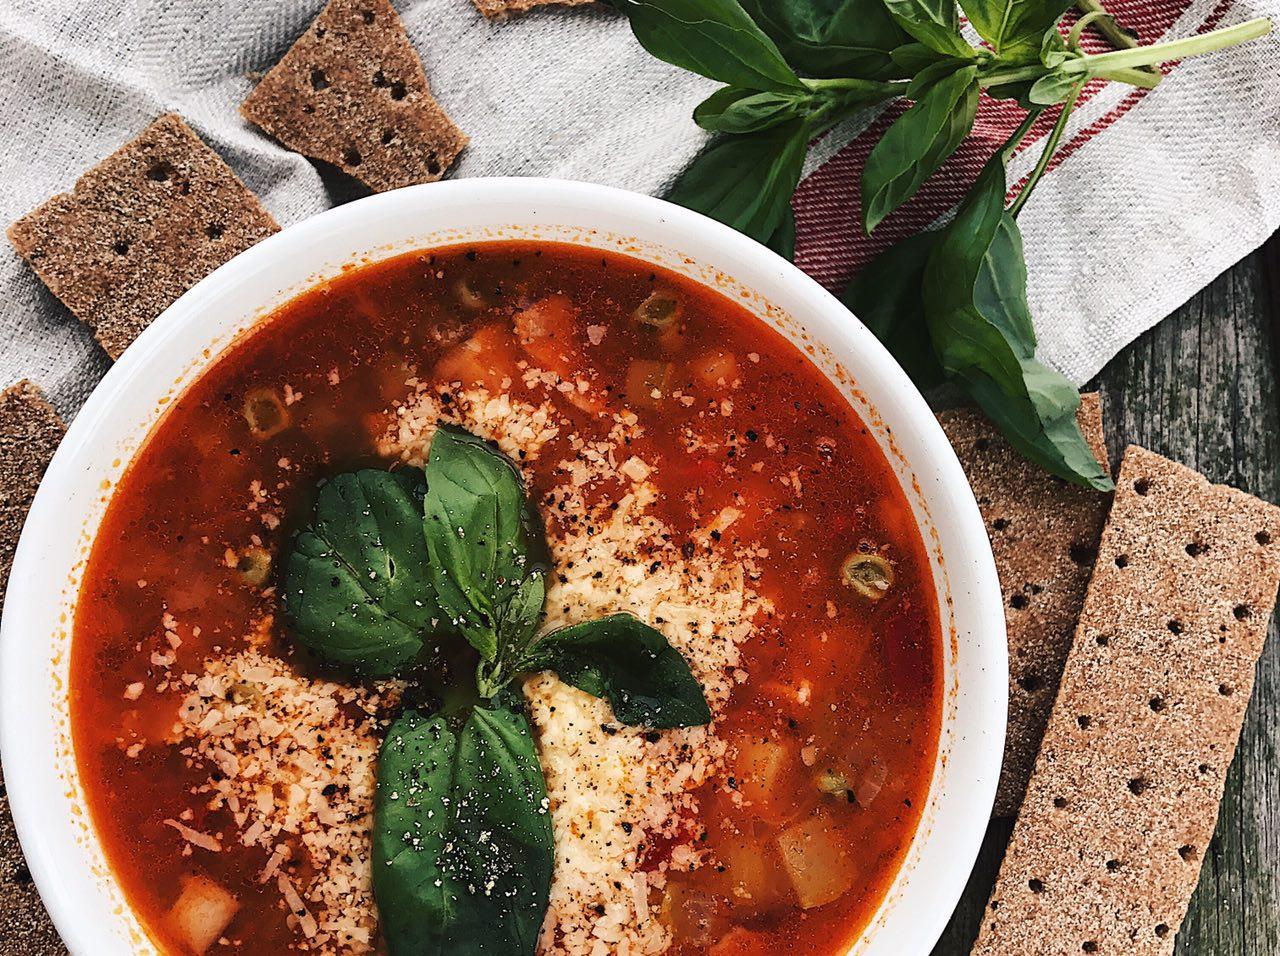 Итальянский овощной суп минестроне рецепт с фото